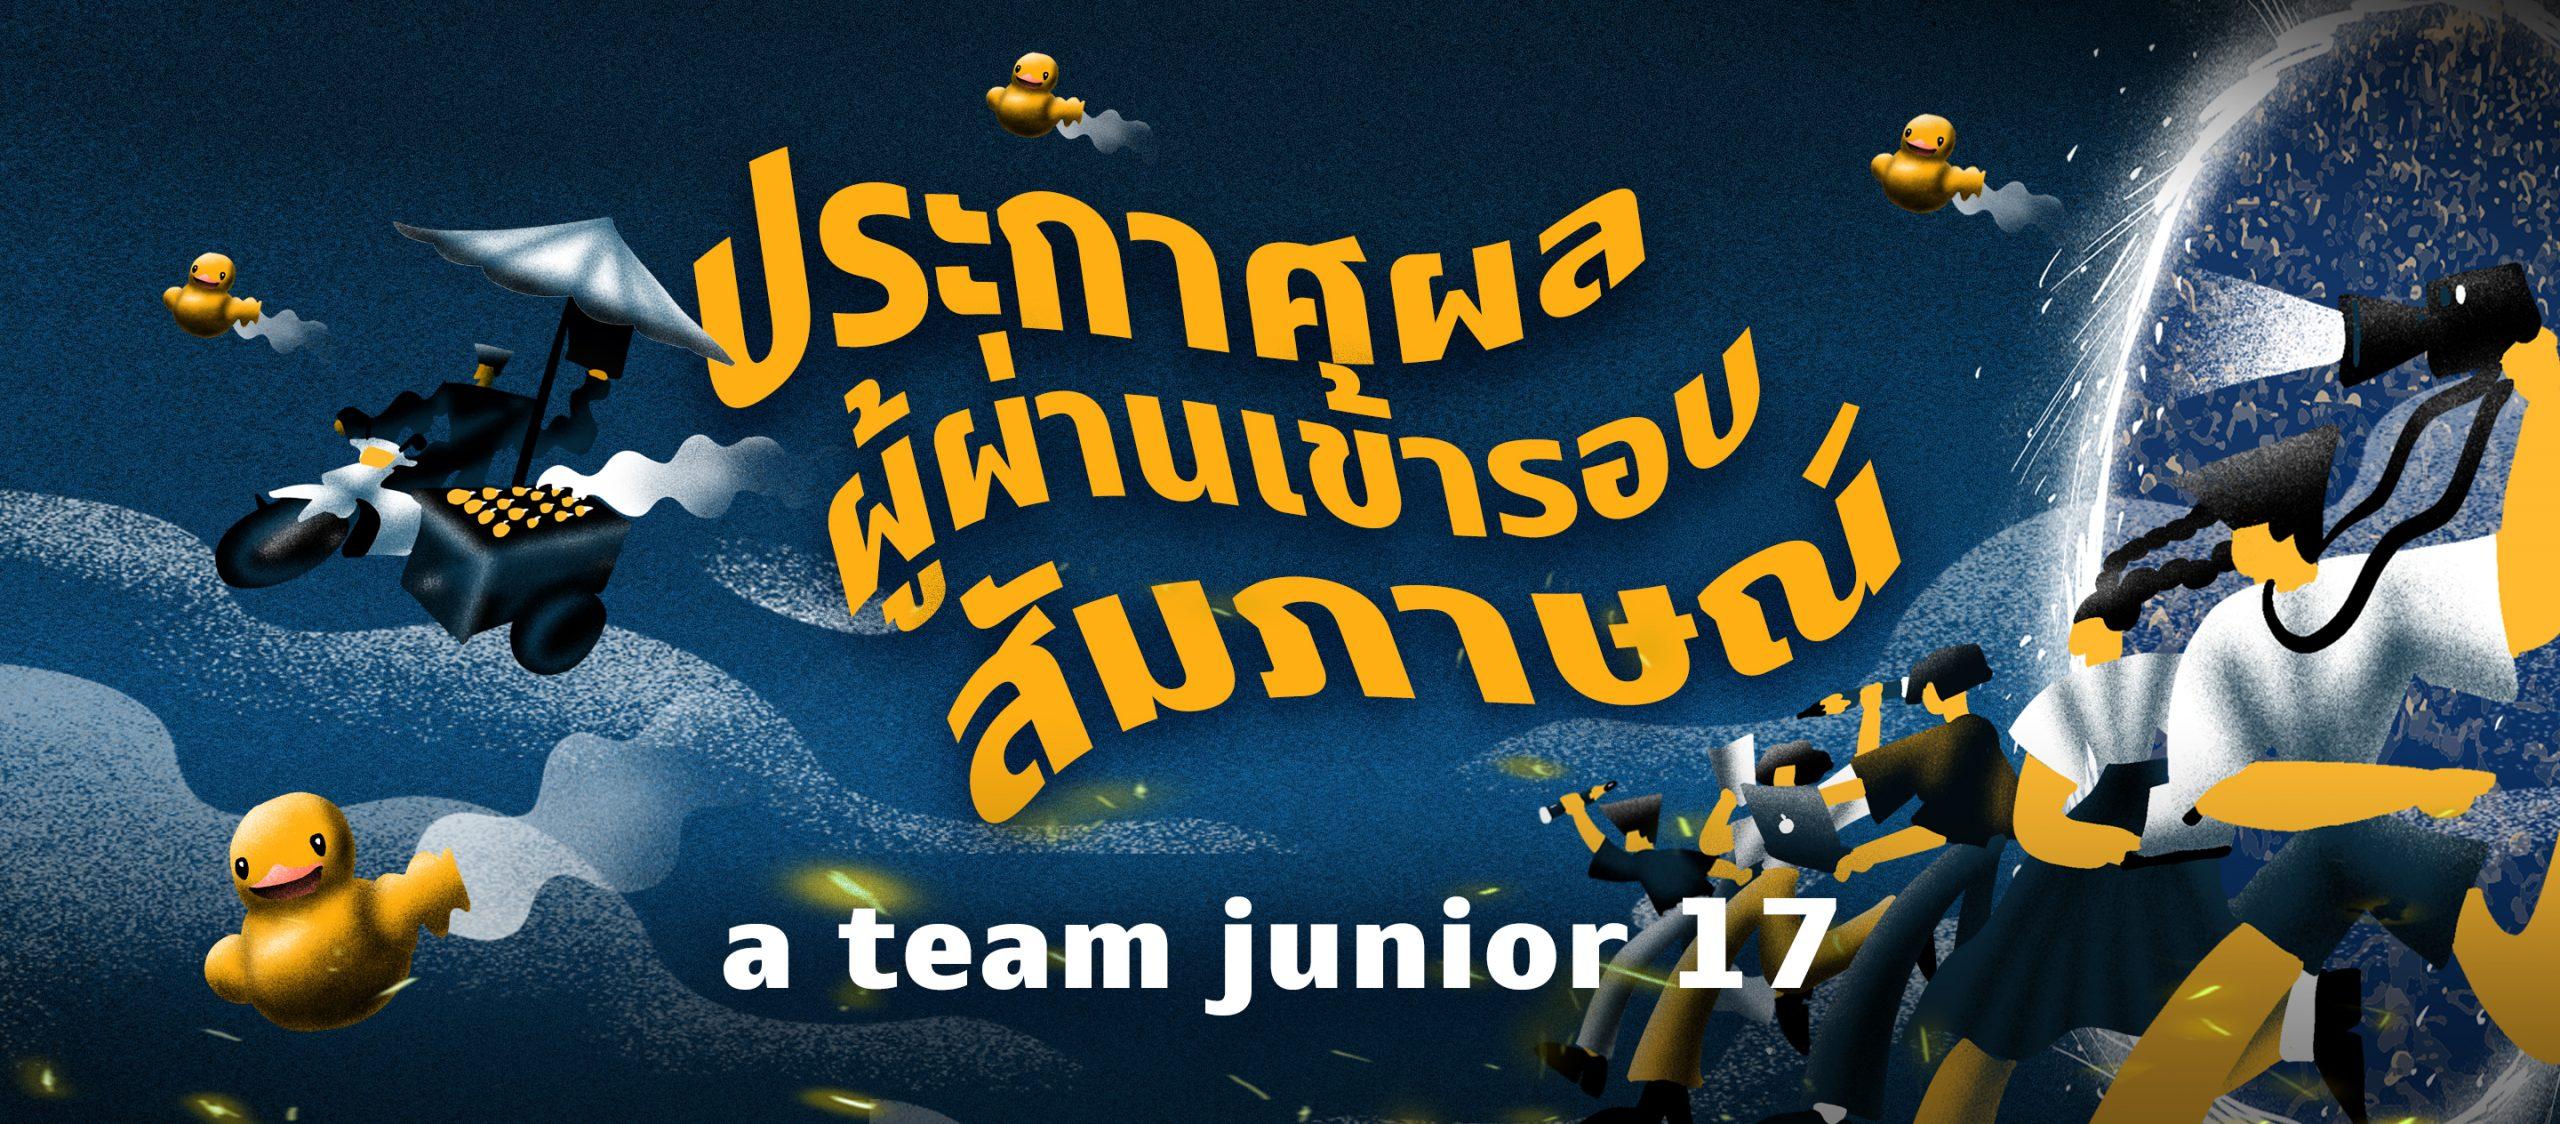 ประกาศรายชื่อผู้ผ่านเข้ารอบสัมภาษณ์ a team junior 17: BIG SURPRISE